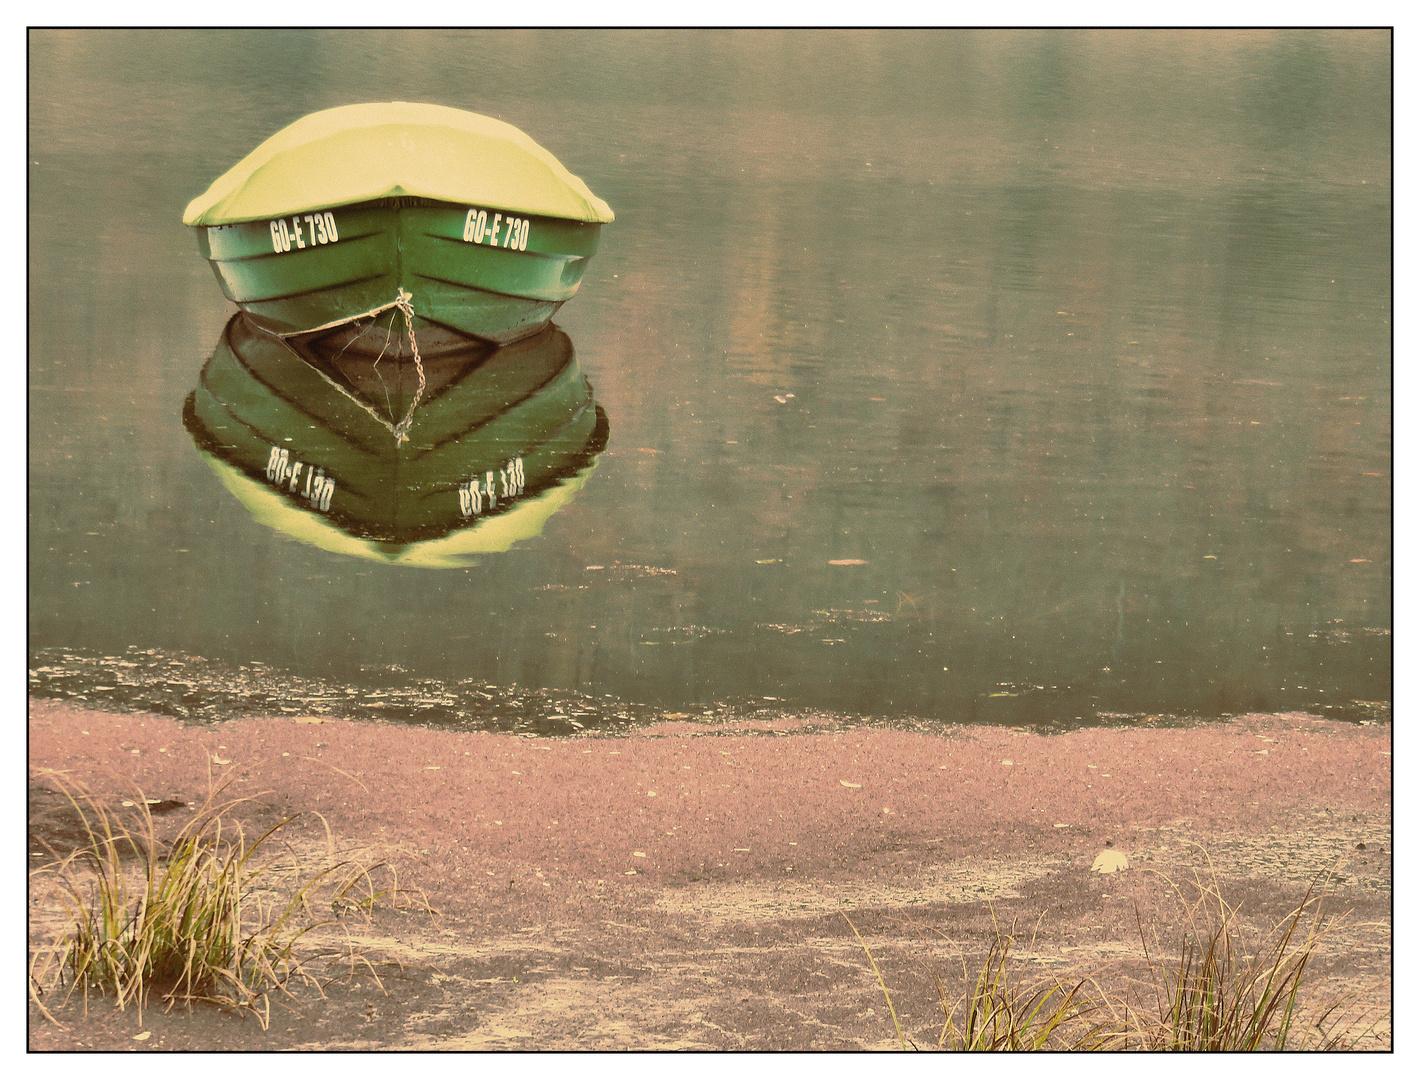 Doppelboot